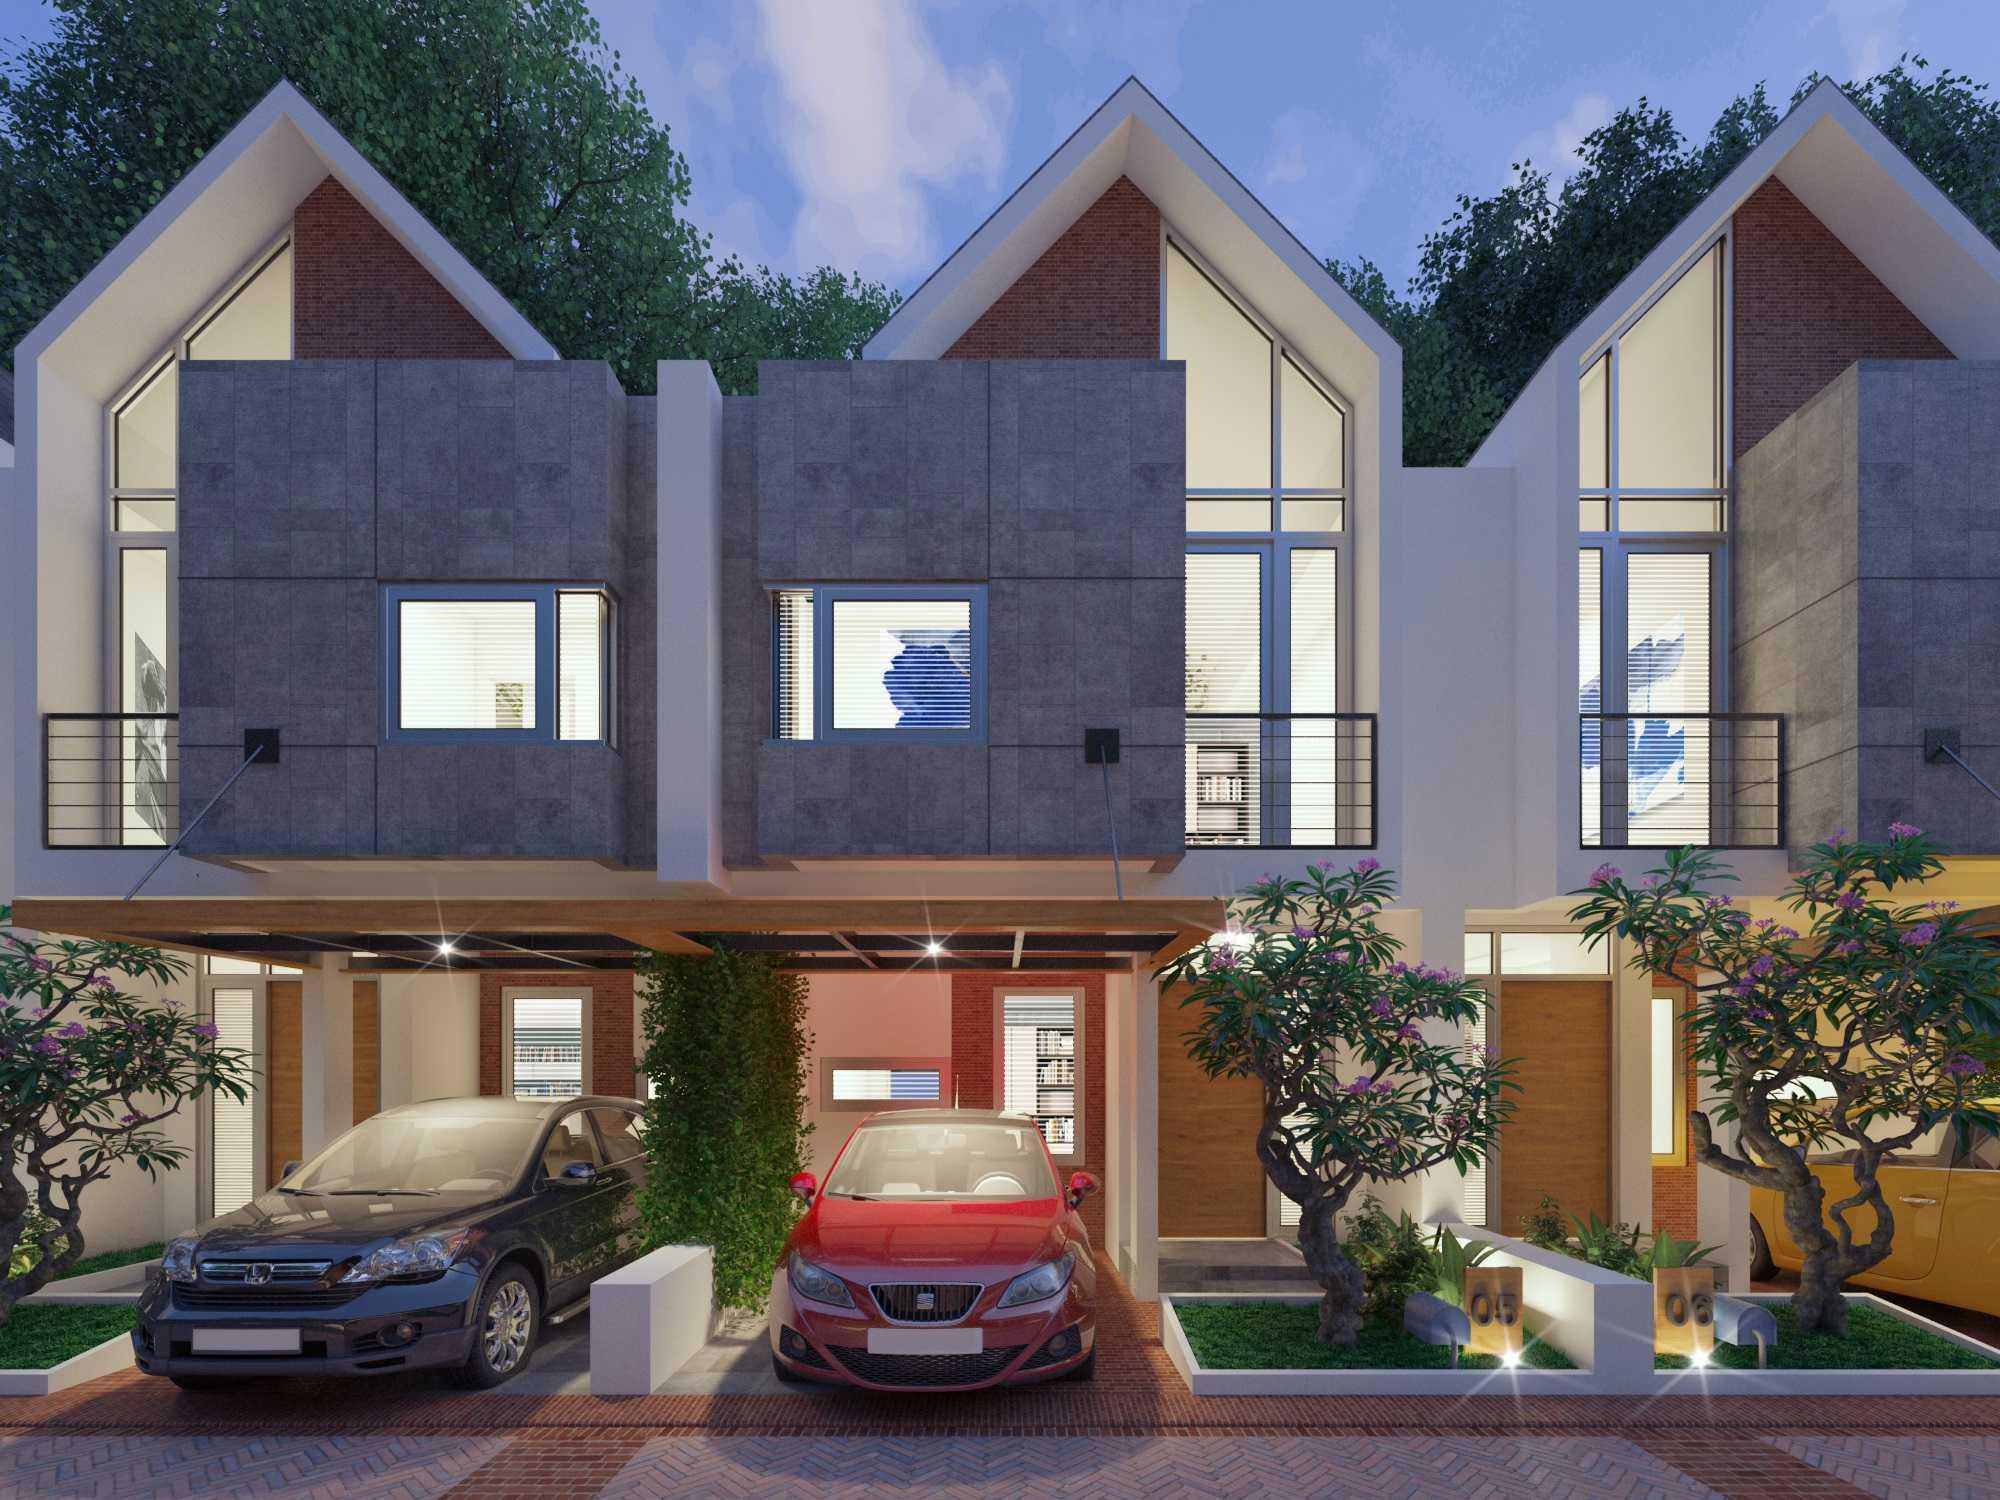 Kihaus Design Parigraha Malang, Kota Malang, Jawa Timur, Indonesia Malang, Kota Malang, Jawa Timur, Indonesia Kihaus-Design-Parigraha  110691